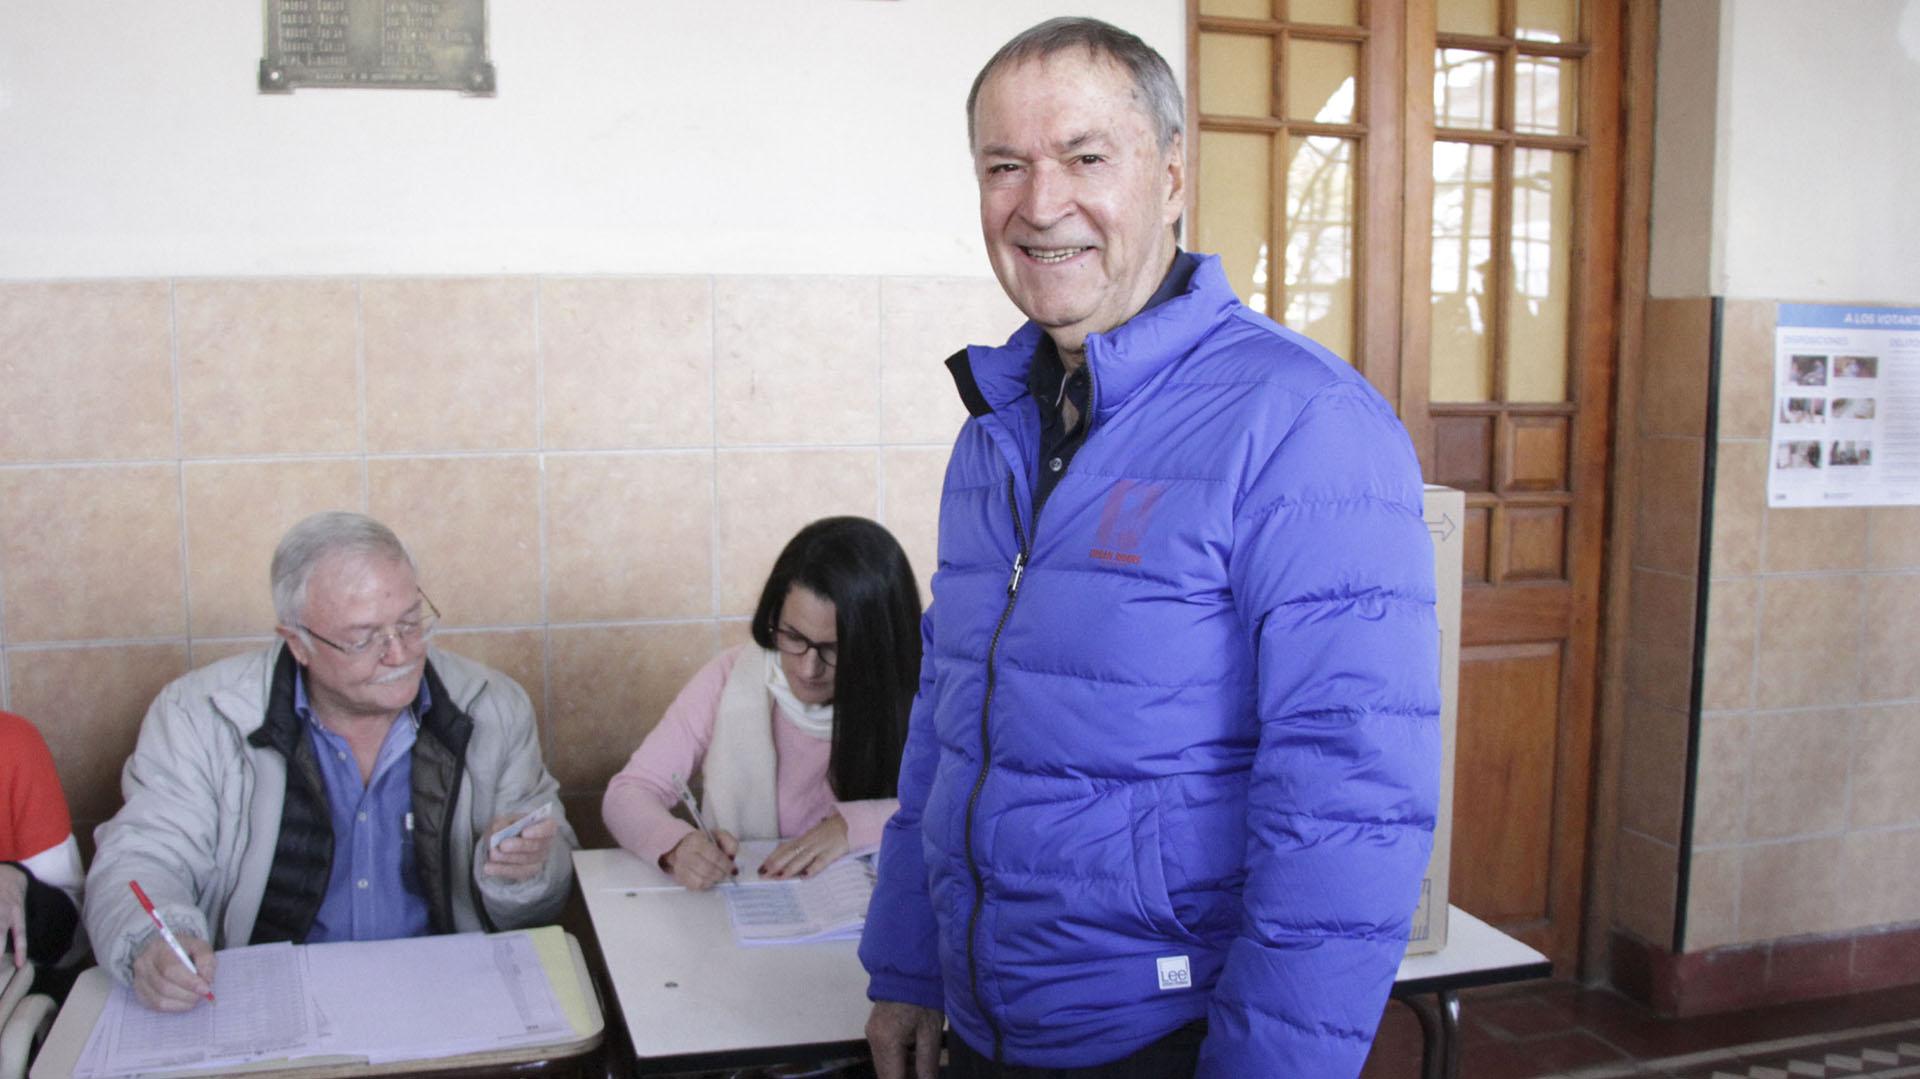 El gobernador de Cérdoba, Juan Schiaretti, cambió de cábala. Dejó de lado la tradicional campera roja y eligió una azul para ir a votar